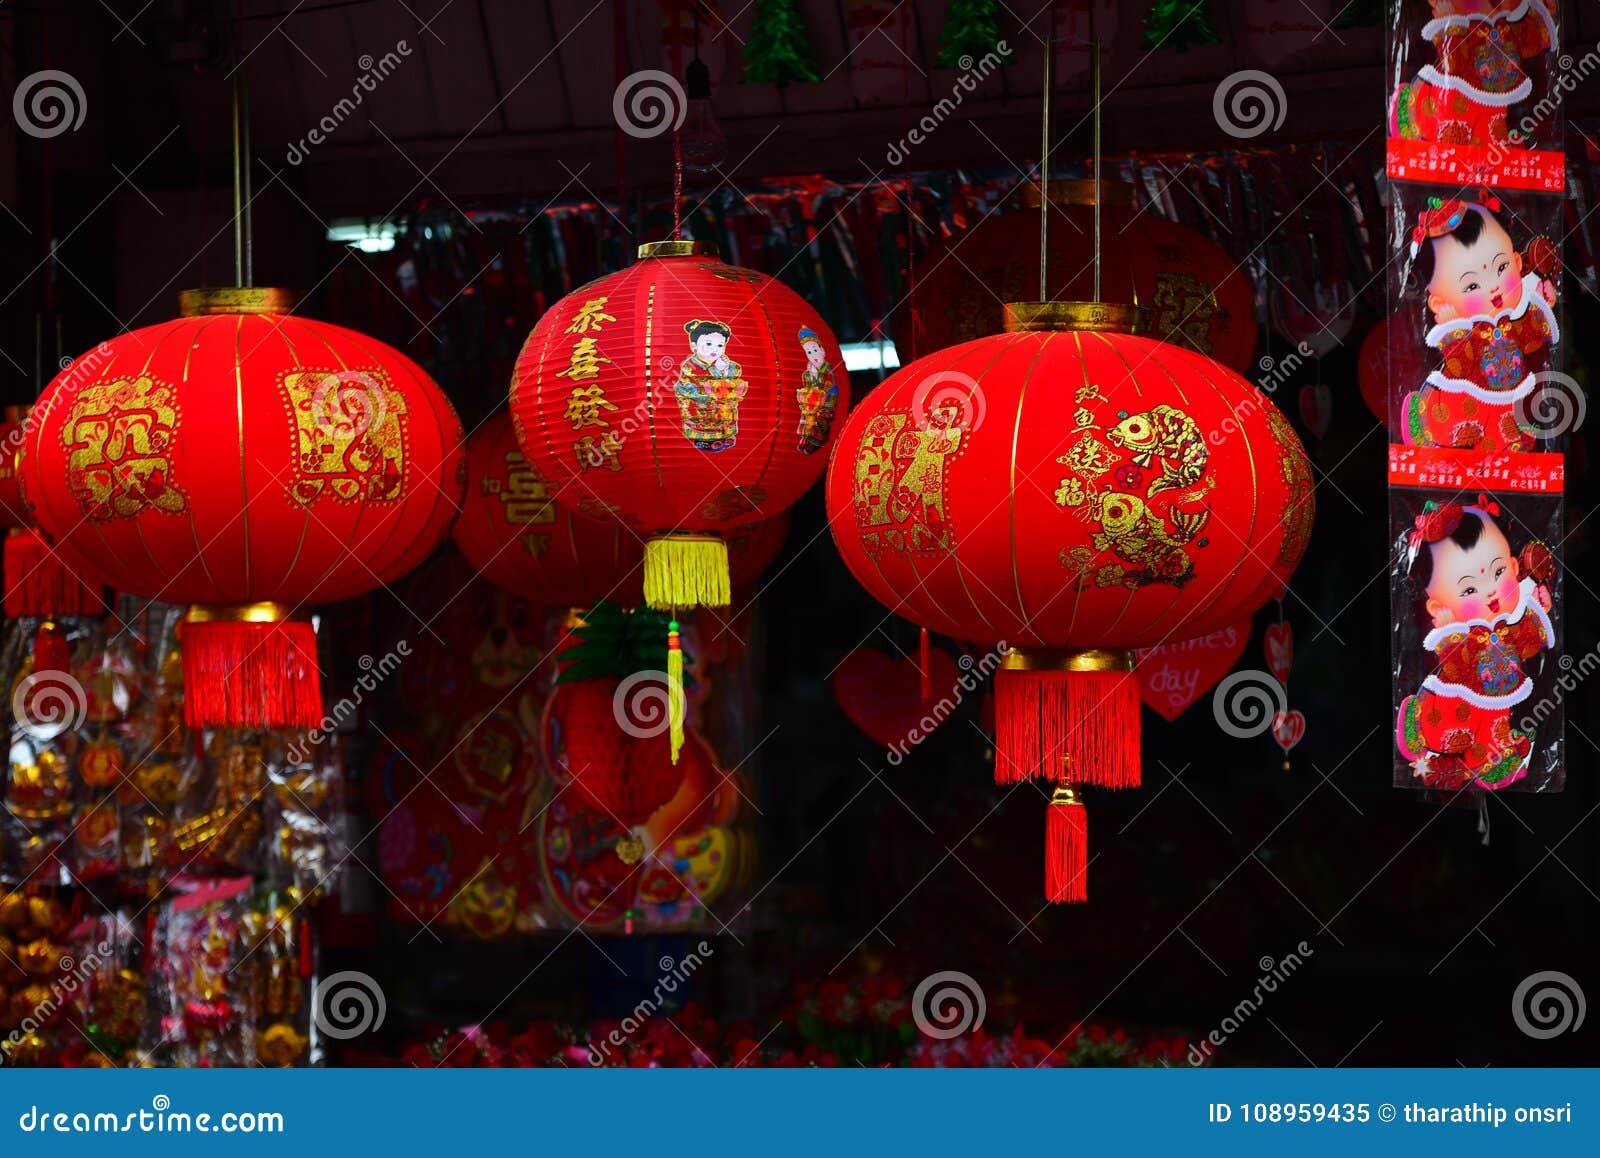 Lámparas y ropa roja para el uso durante Año Nuevo chino